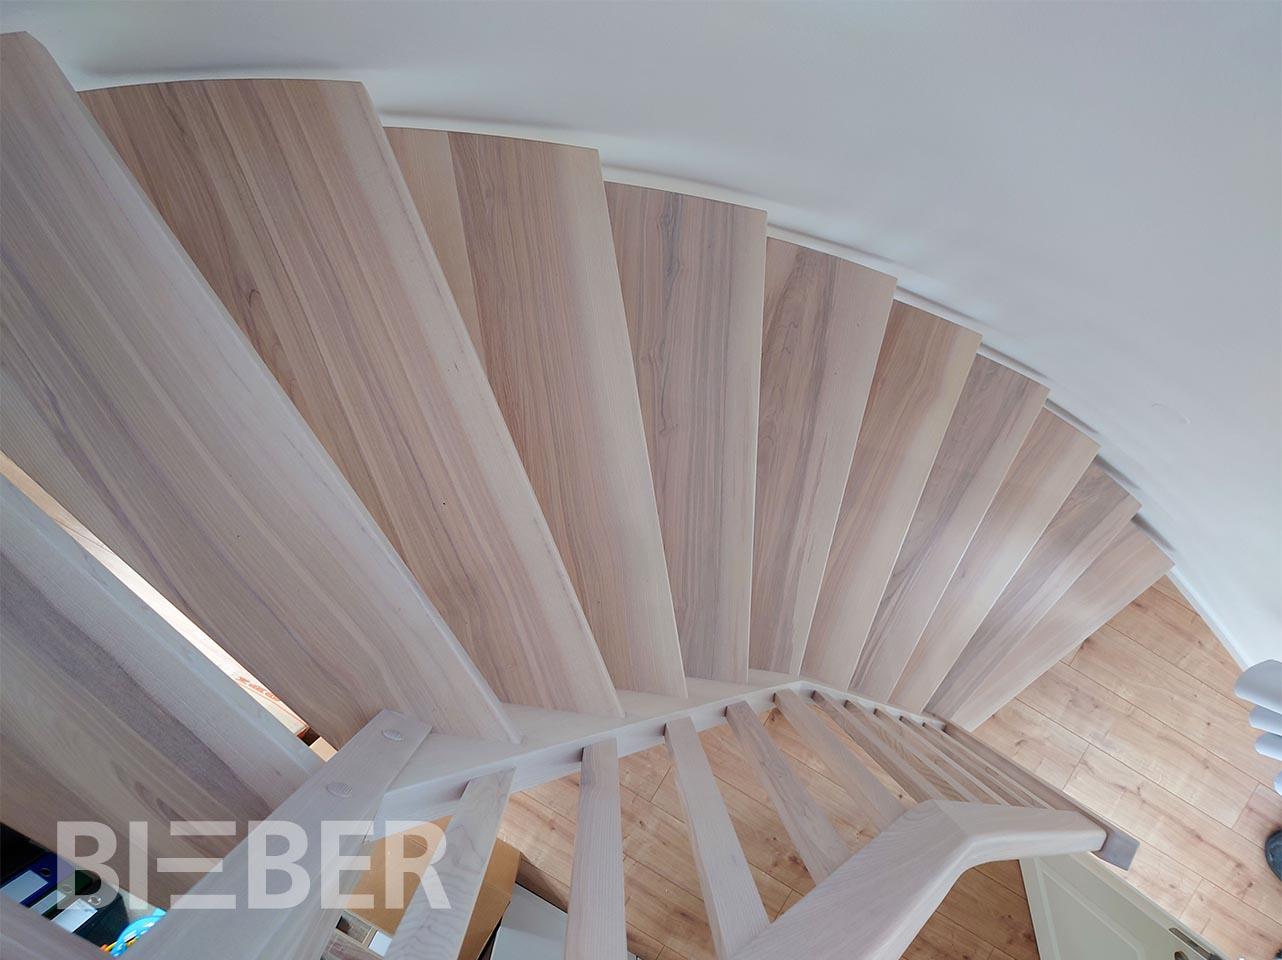 gewendelte Treppe in rundem Treppenraum Esche weiß geölt, Wandwange aufgesattelt